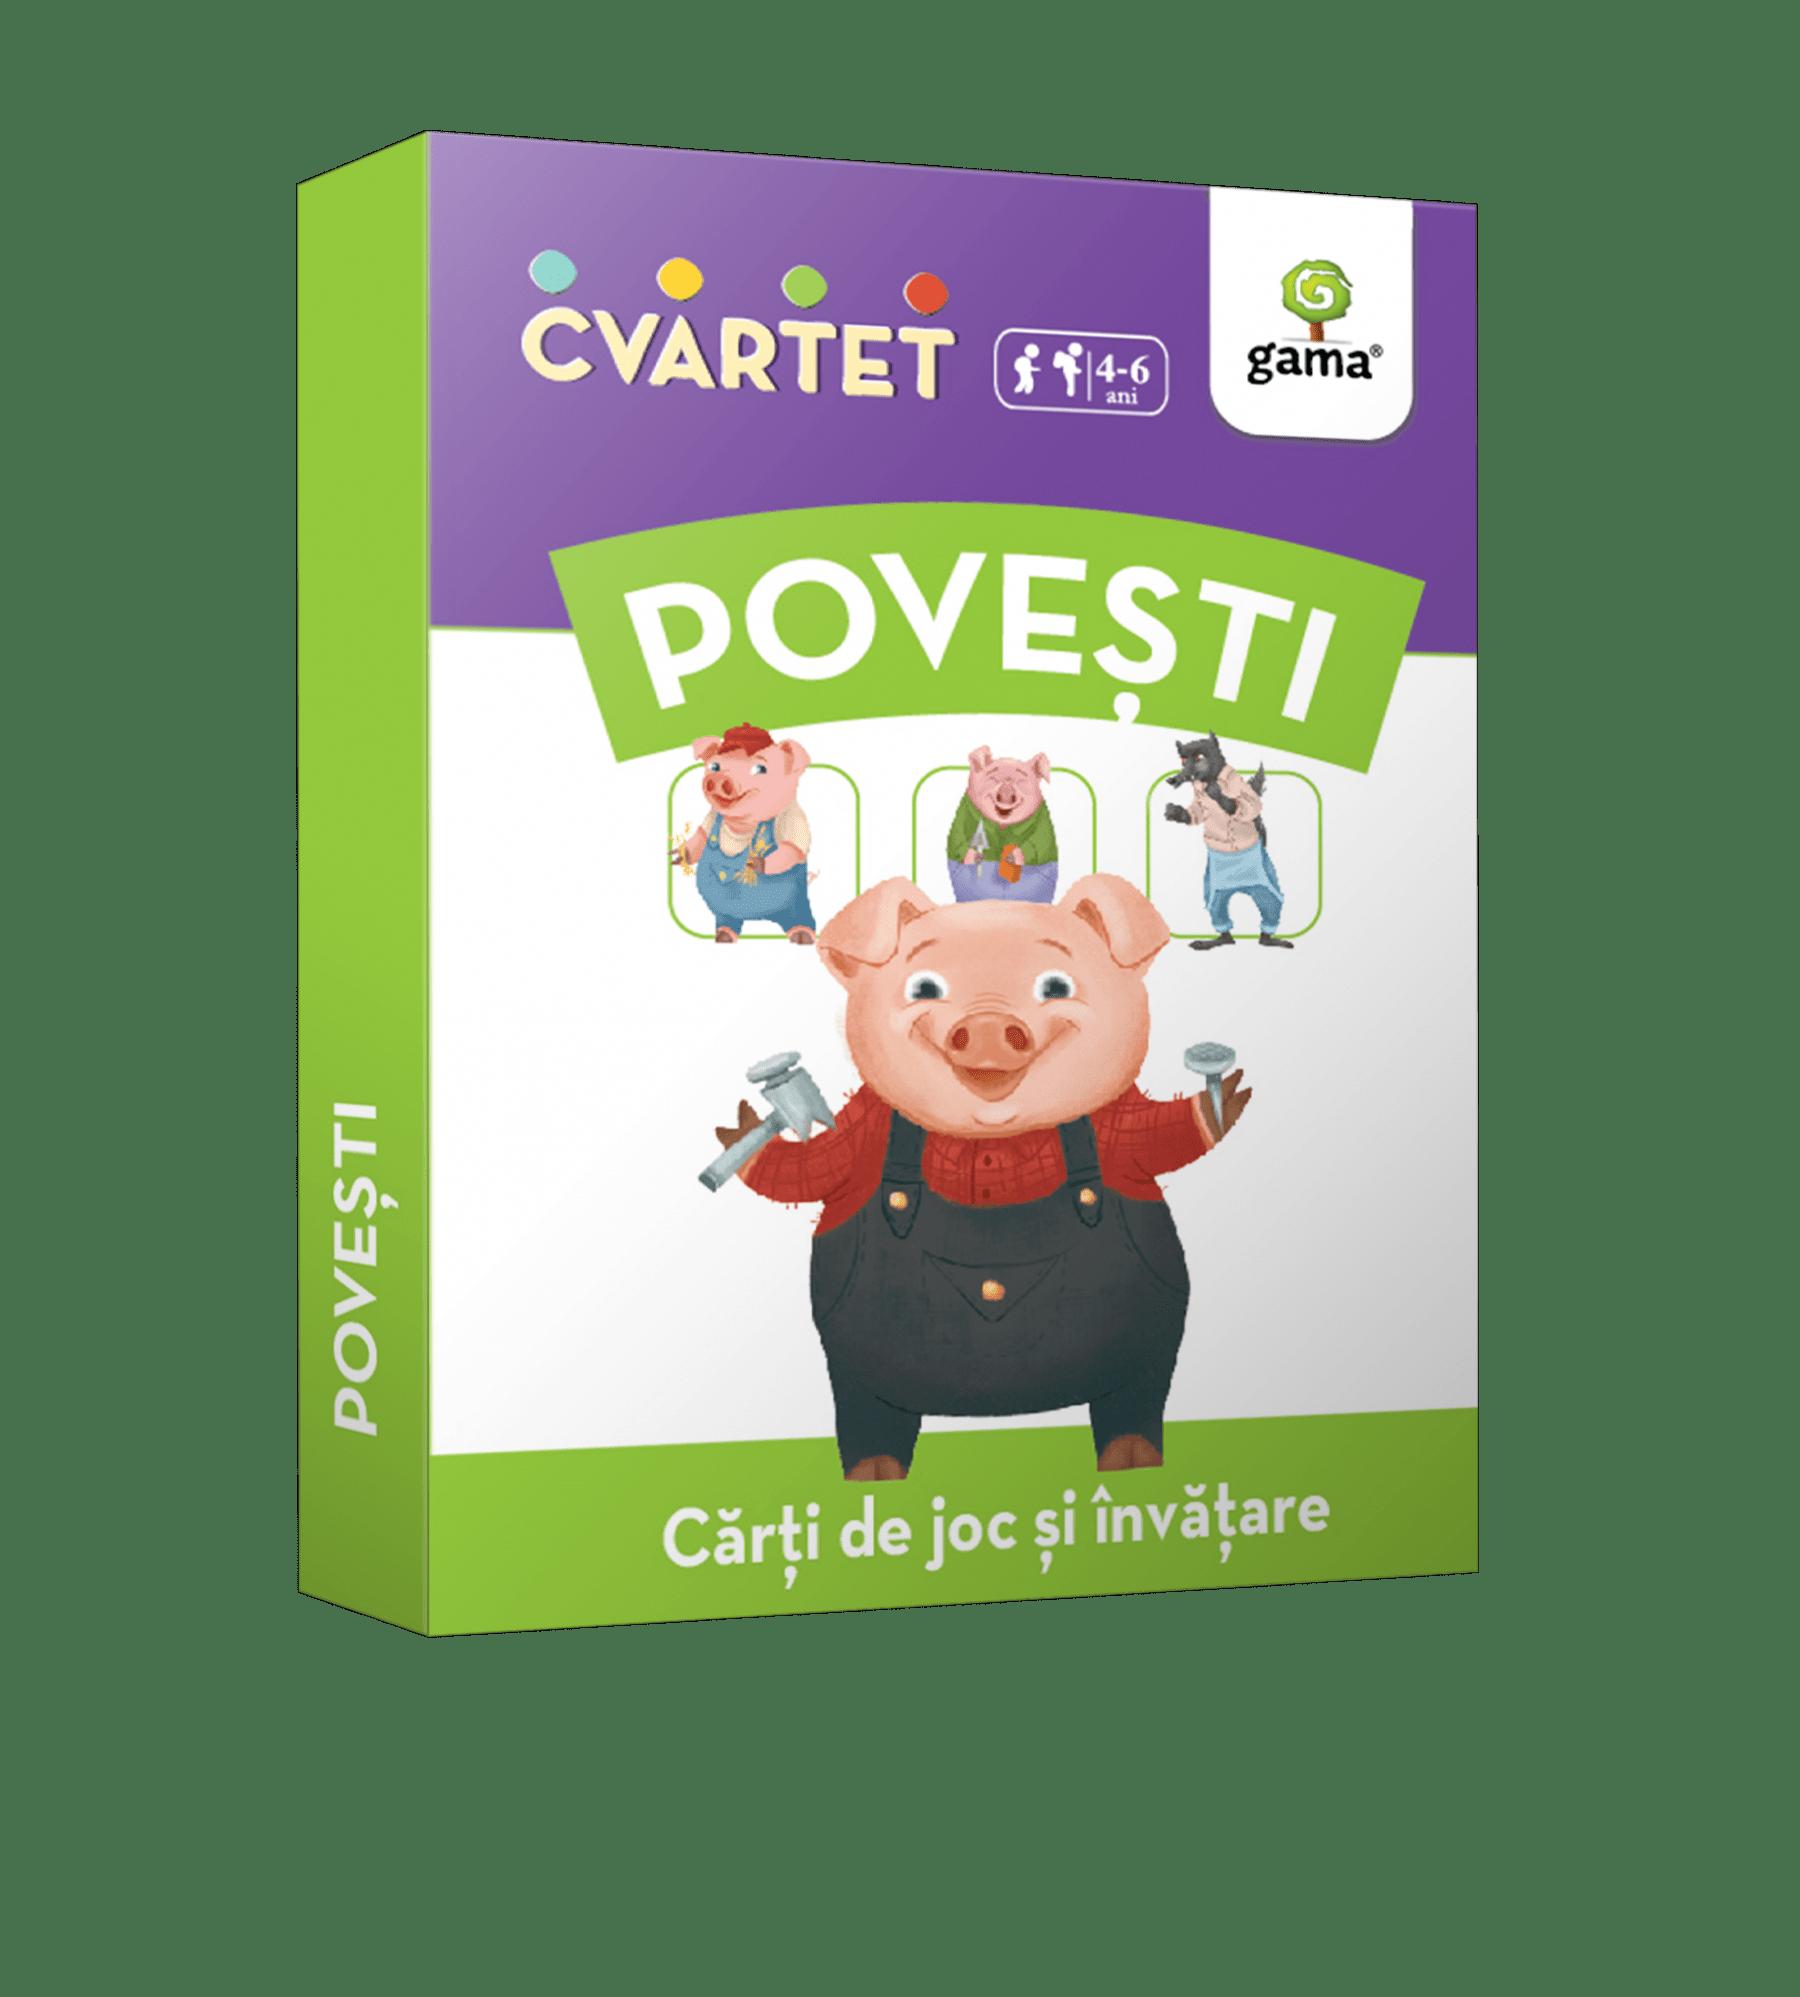 cutie_povesti_cvartet